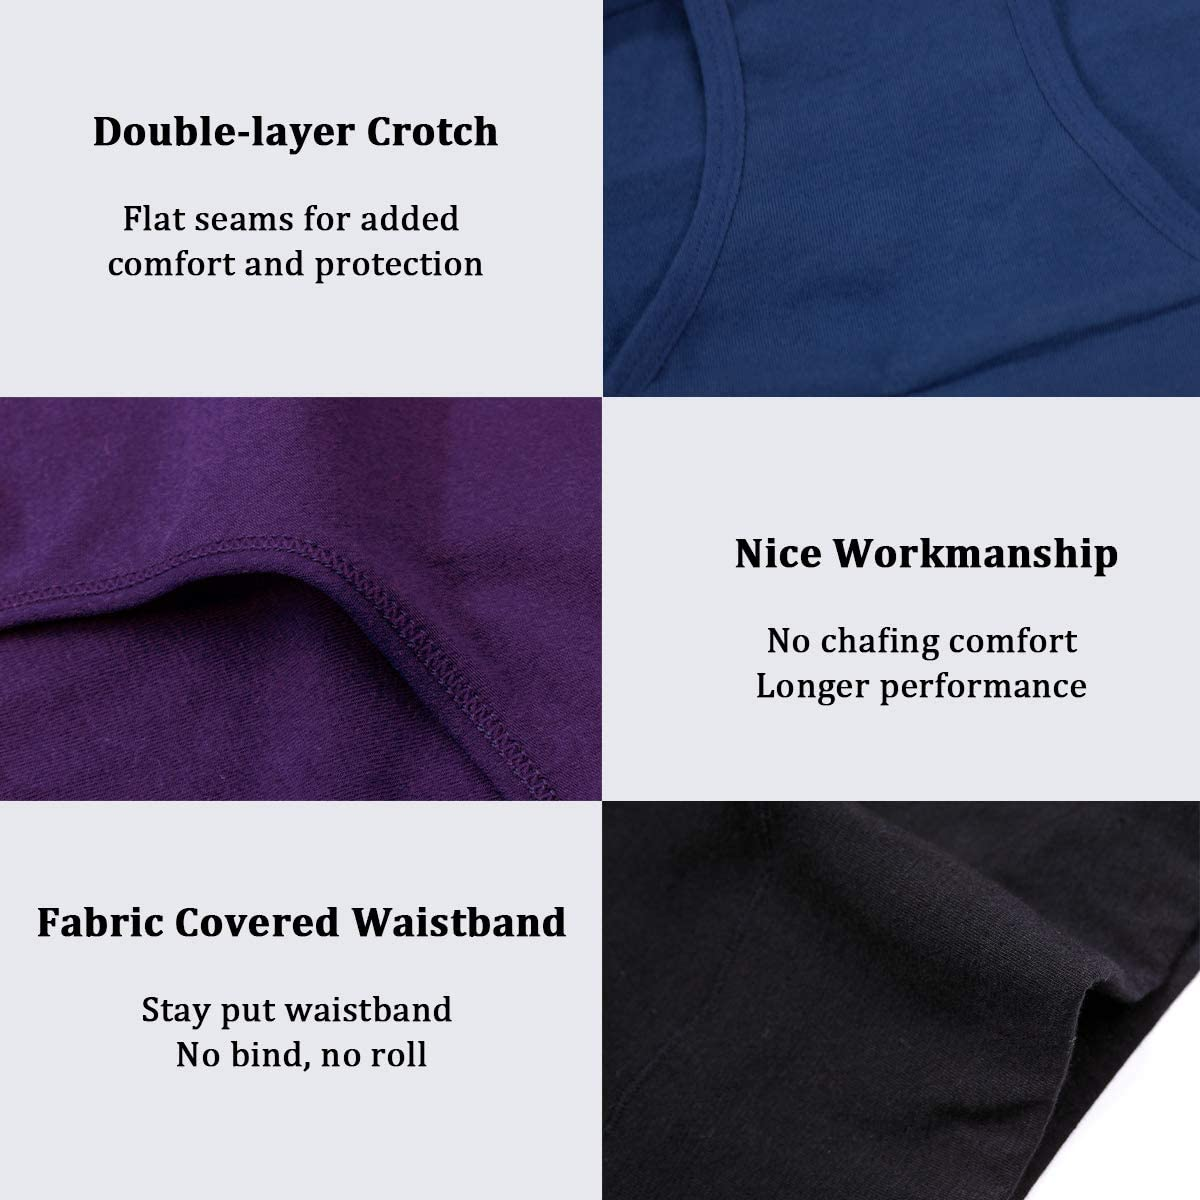 wirarpa Damen Unterhosen Baumwolle Slip Damen High Waist Taillenslip Wochenbett Unterwäsche Kaiserschnitt Unterhose Mehrpack Mehrfarbig03-4er Pack